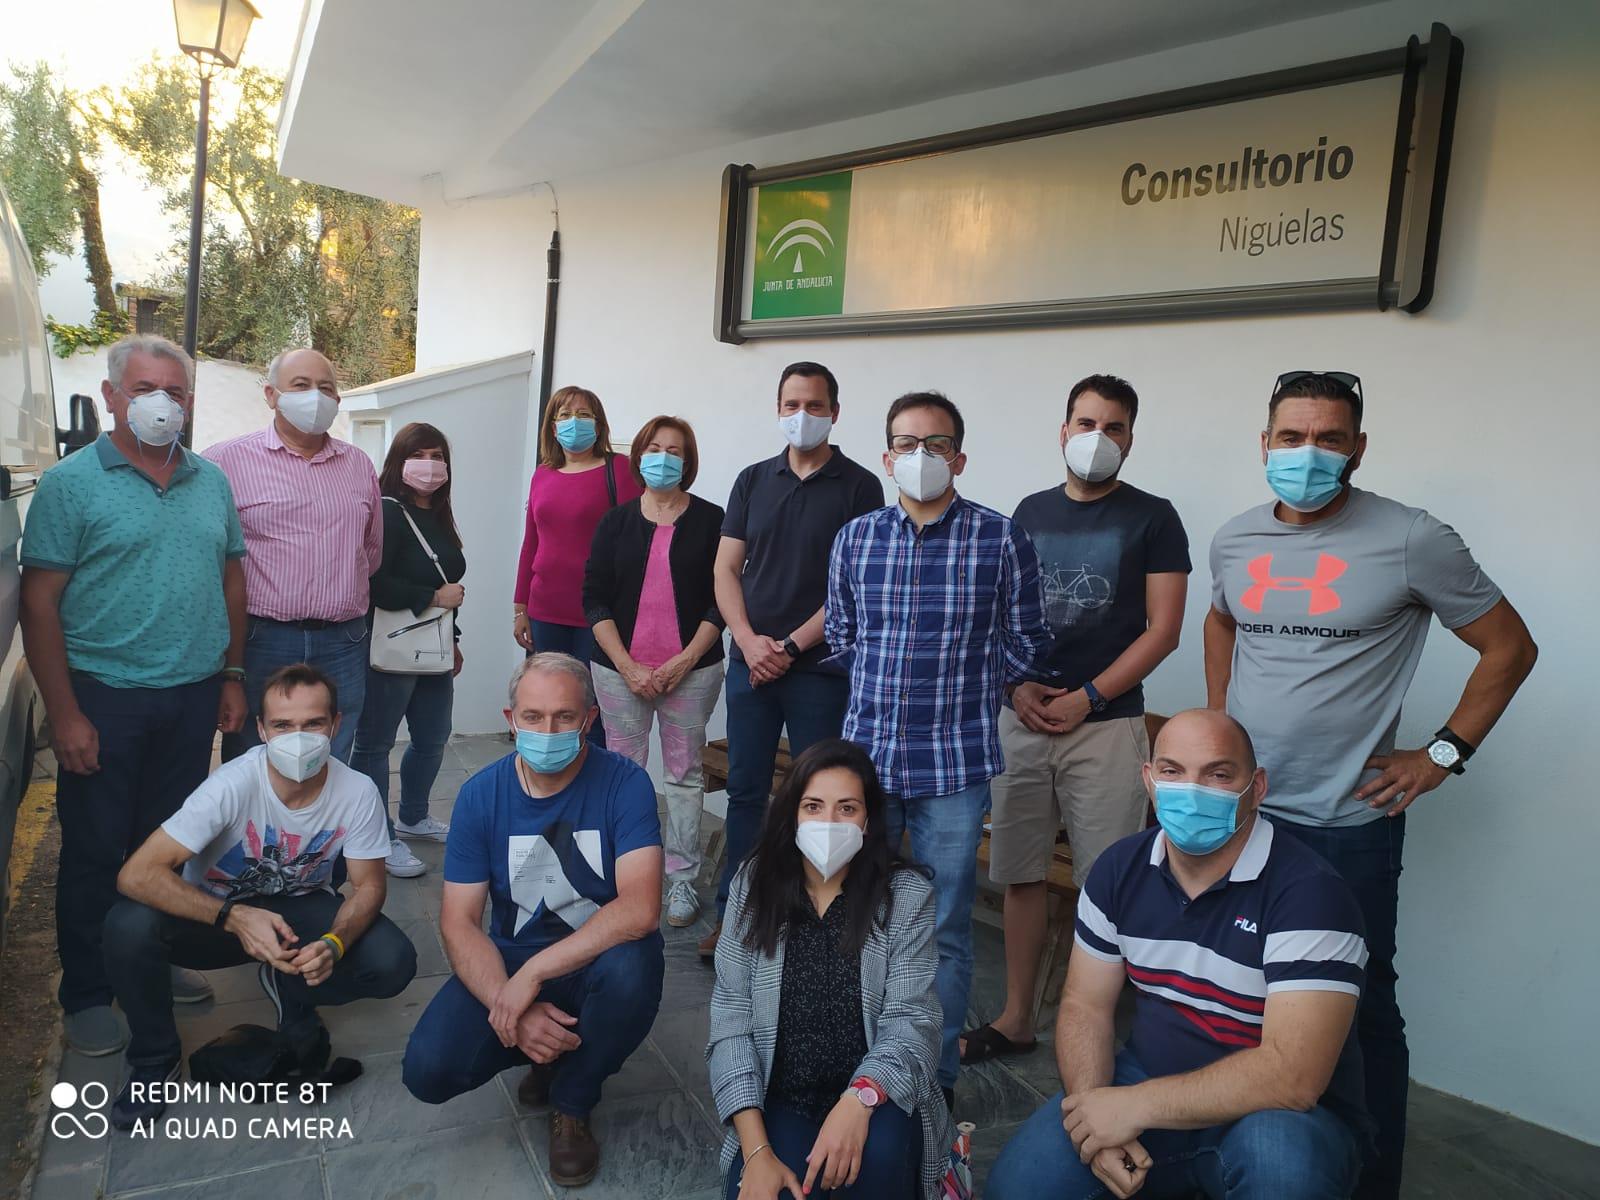 Alcaldes del PSOE de la comarca del Valle de Lecrín denuncian los recortes en sanidad y transporte